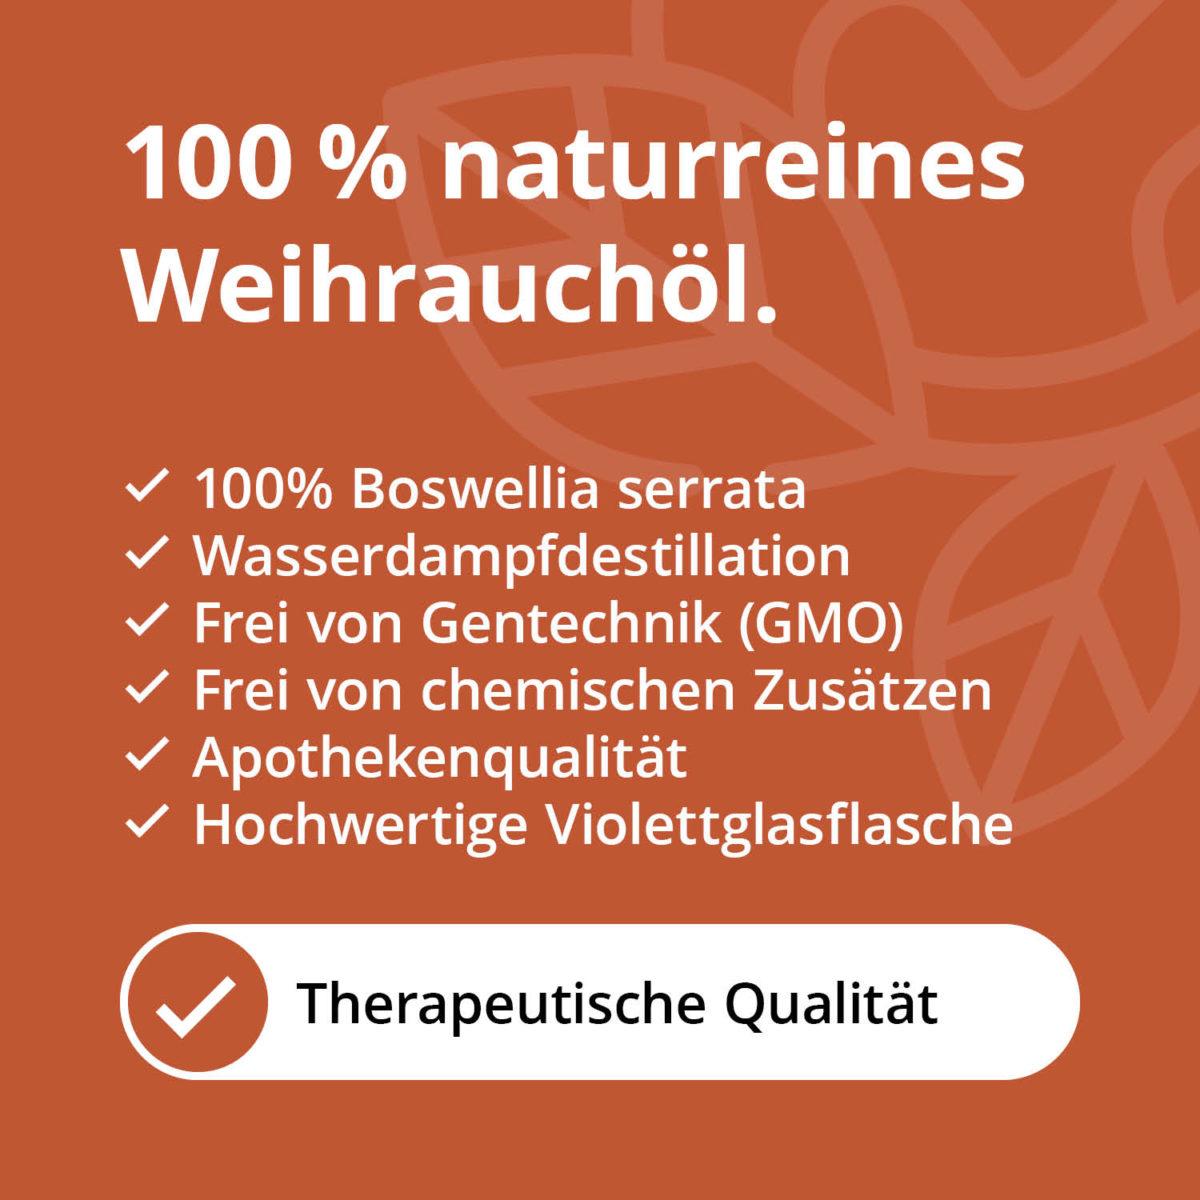 Casida Weihrauchöl Boswellia serrata naturrein – 10 ml 15880780 PZN Apotheke ätherische Öle Diffuser Meditation Wundheilung5